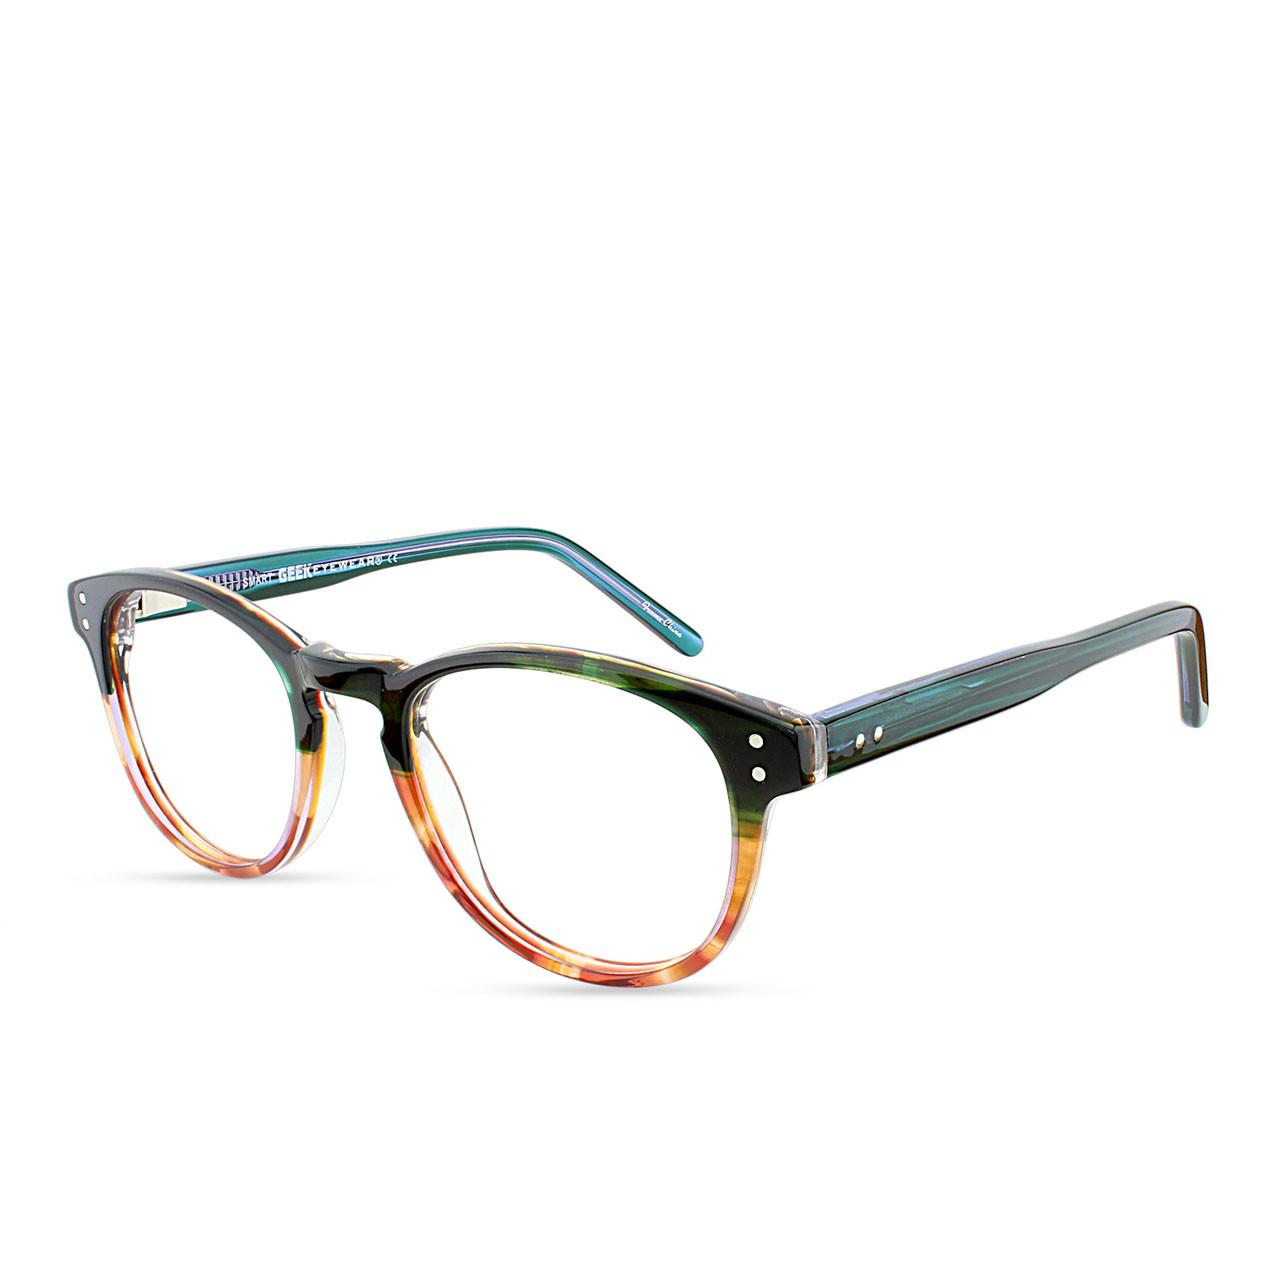 GEEK Eyewear Style Smart Purple